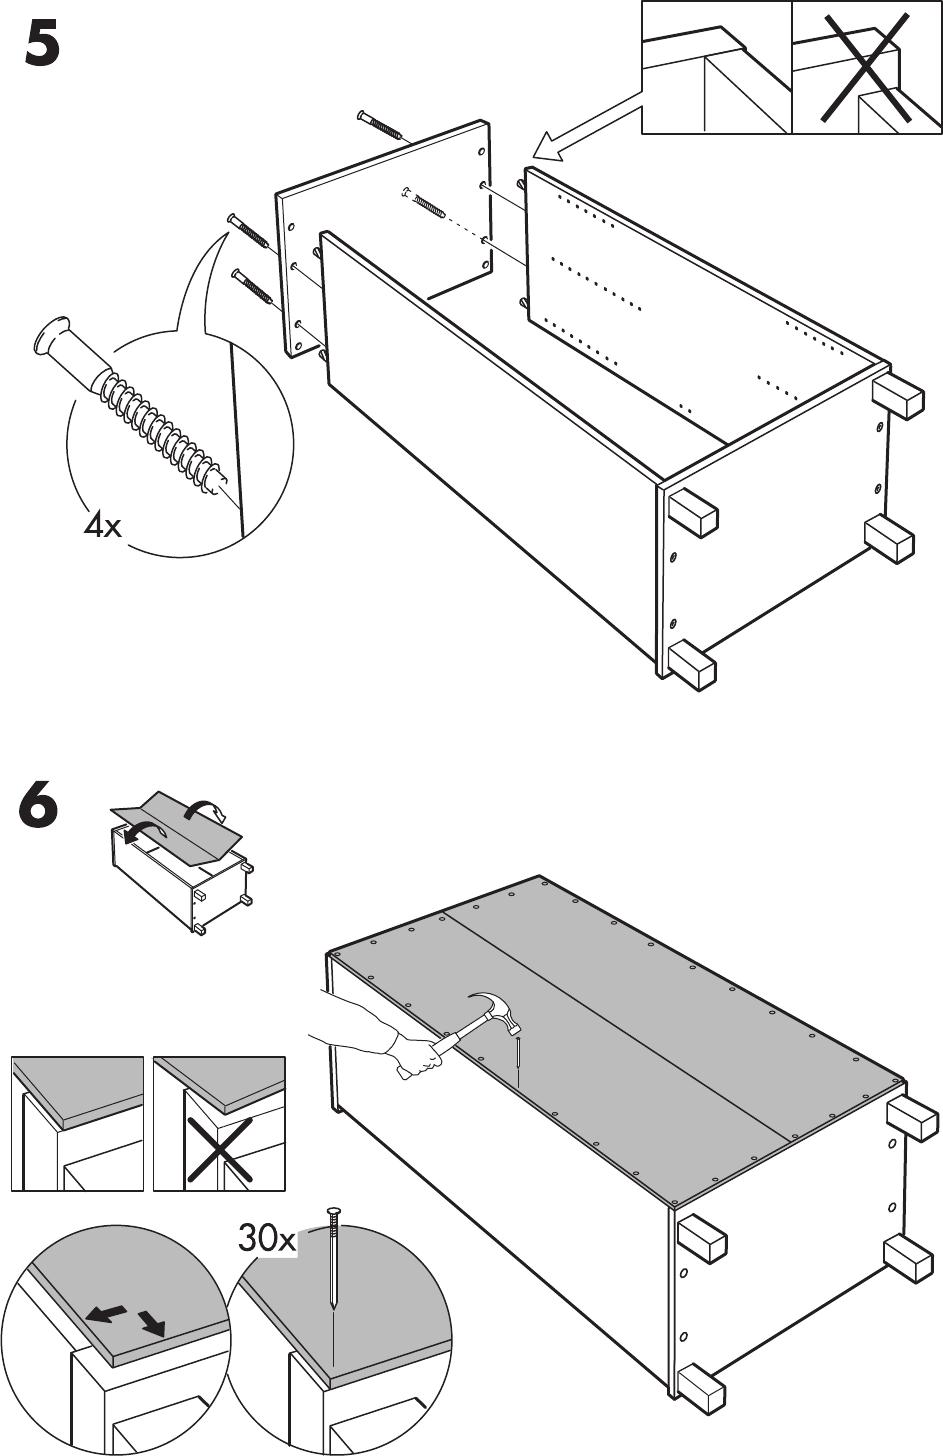 Handleiding Ikea Aneboda Kast Pagina 7 Van 12 Nederlands